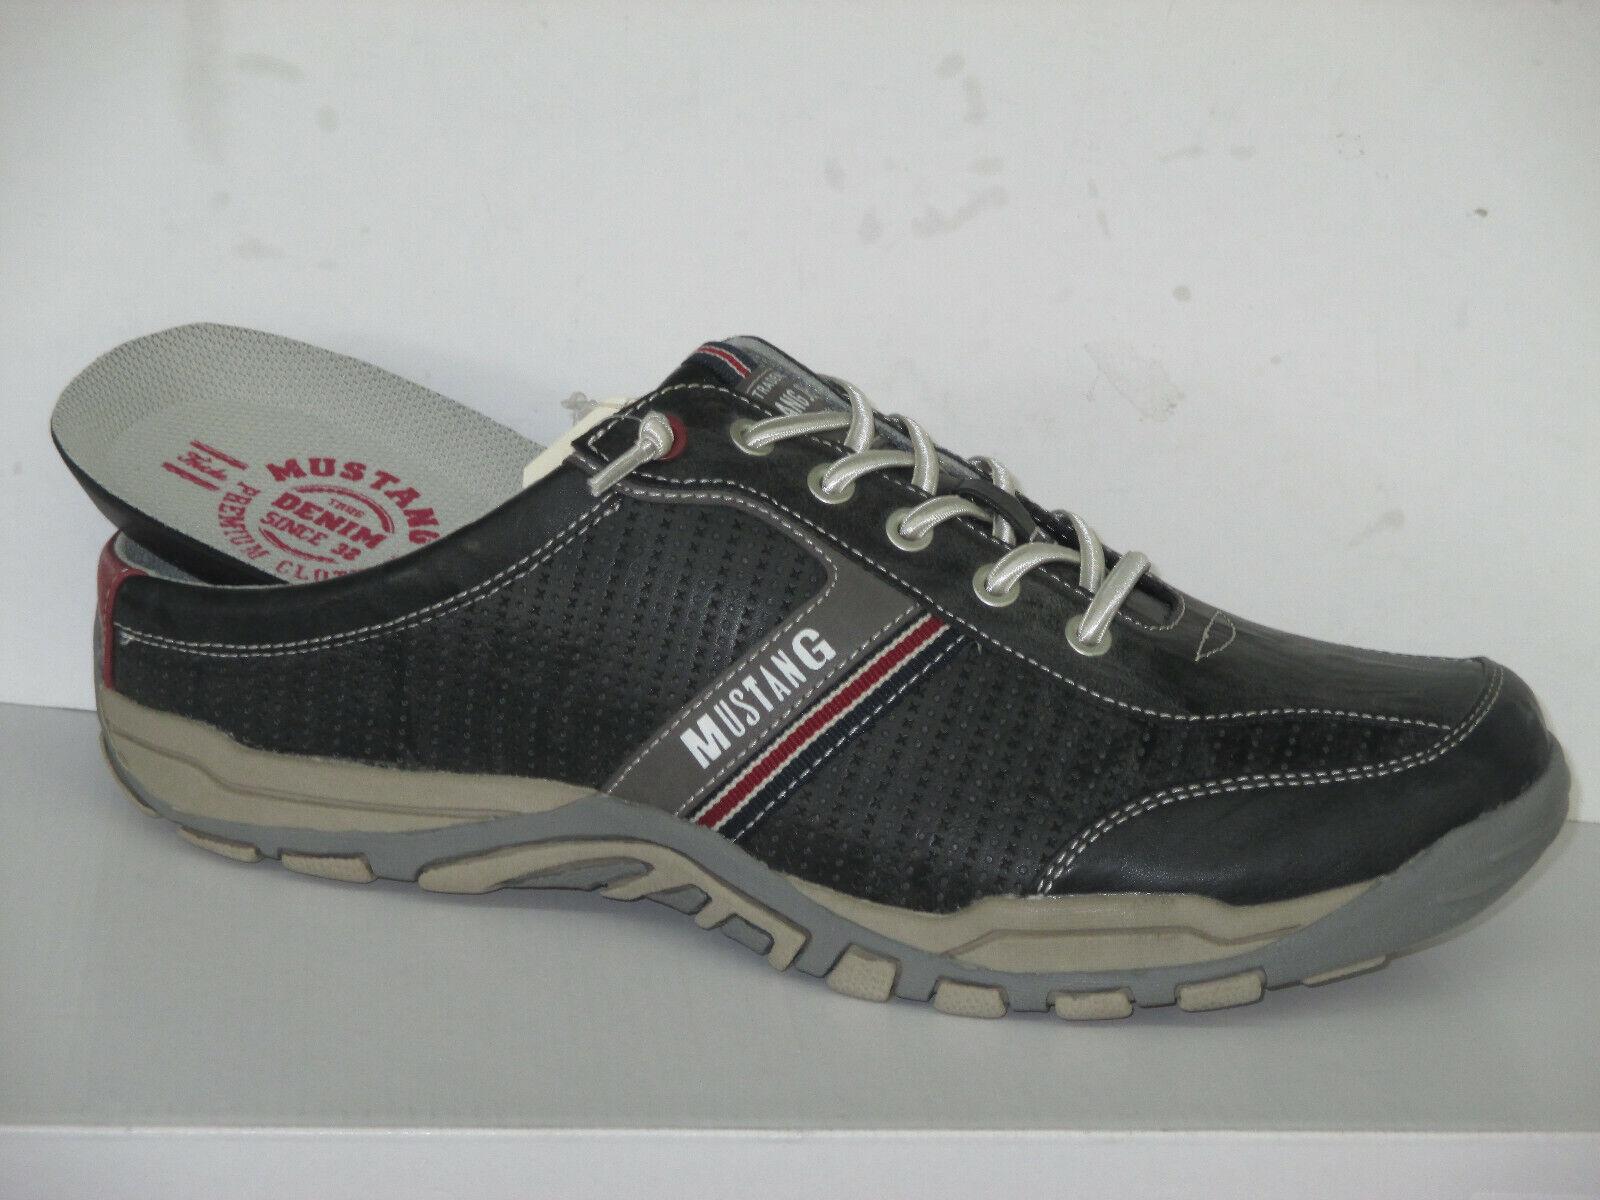 Mustang  Schuhe Herren Sabot 4027-705-200, auch  in ÜBERGRÖßE, Gr.41-50